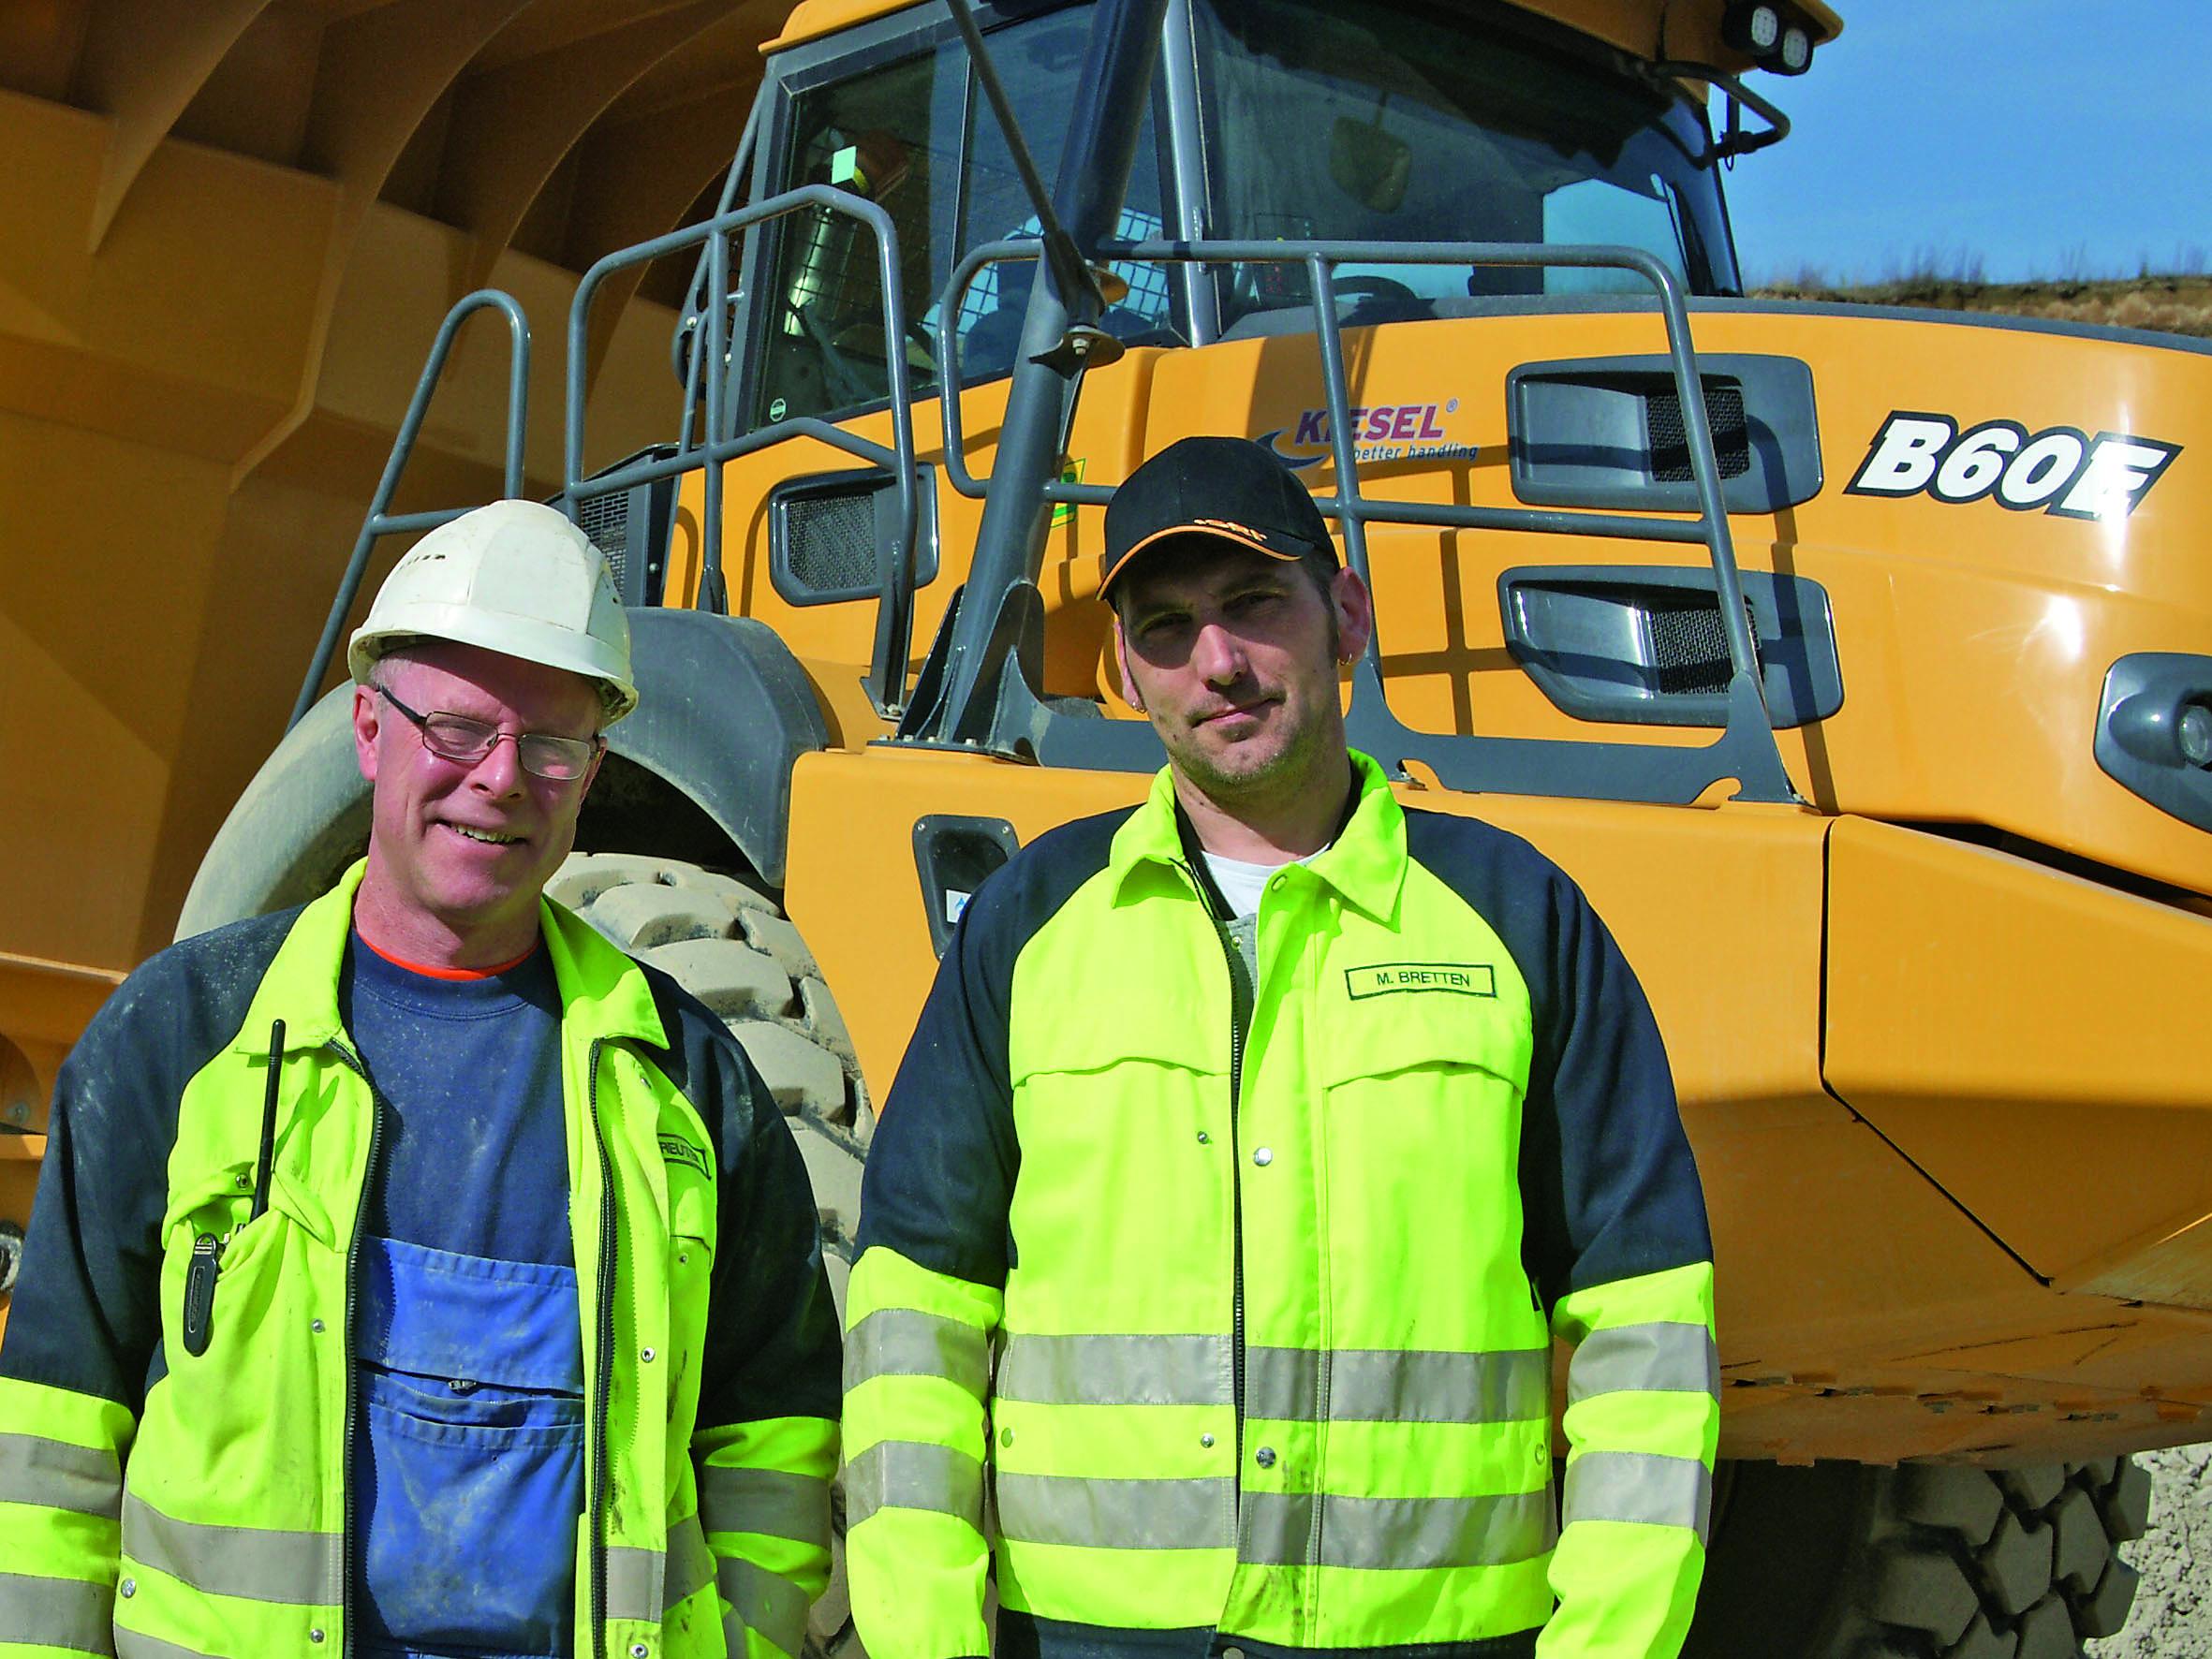 Mit dem Neuzugang zufrieden (v.l.): Schiewe-Betriebsleiter Thomas Kalkreuter und Fahrer Mike Bretten. (Foto: Bell Equipment/tb)